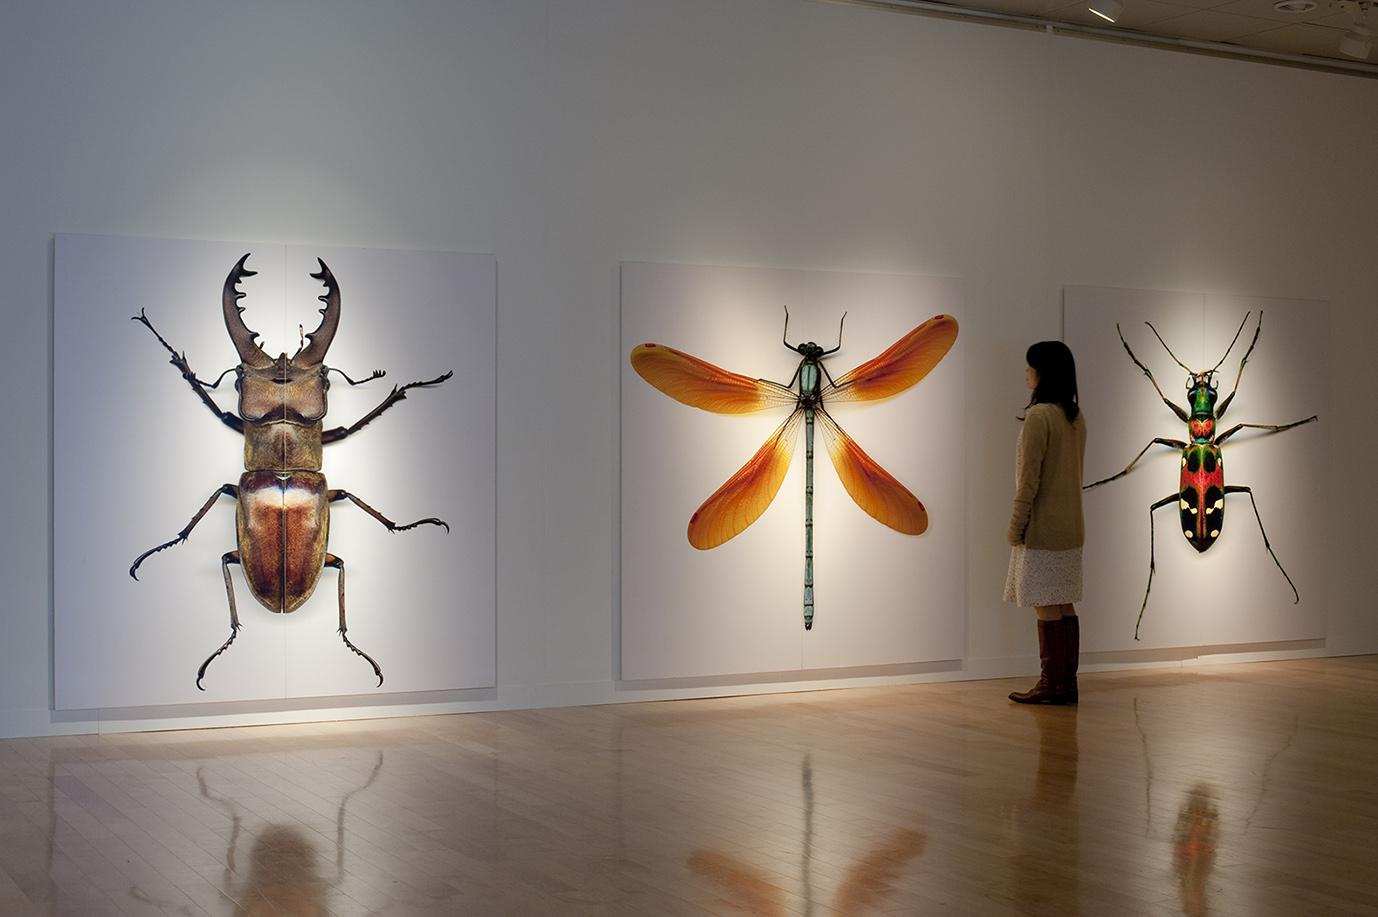 自然と美術の標本展 「モノ」を「みる」からはじまる冒険